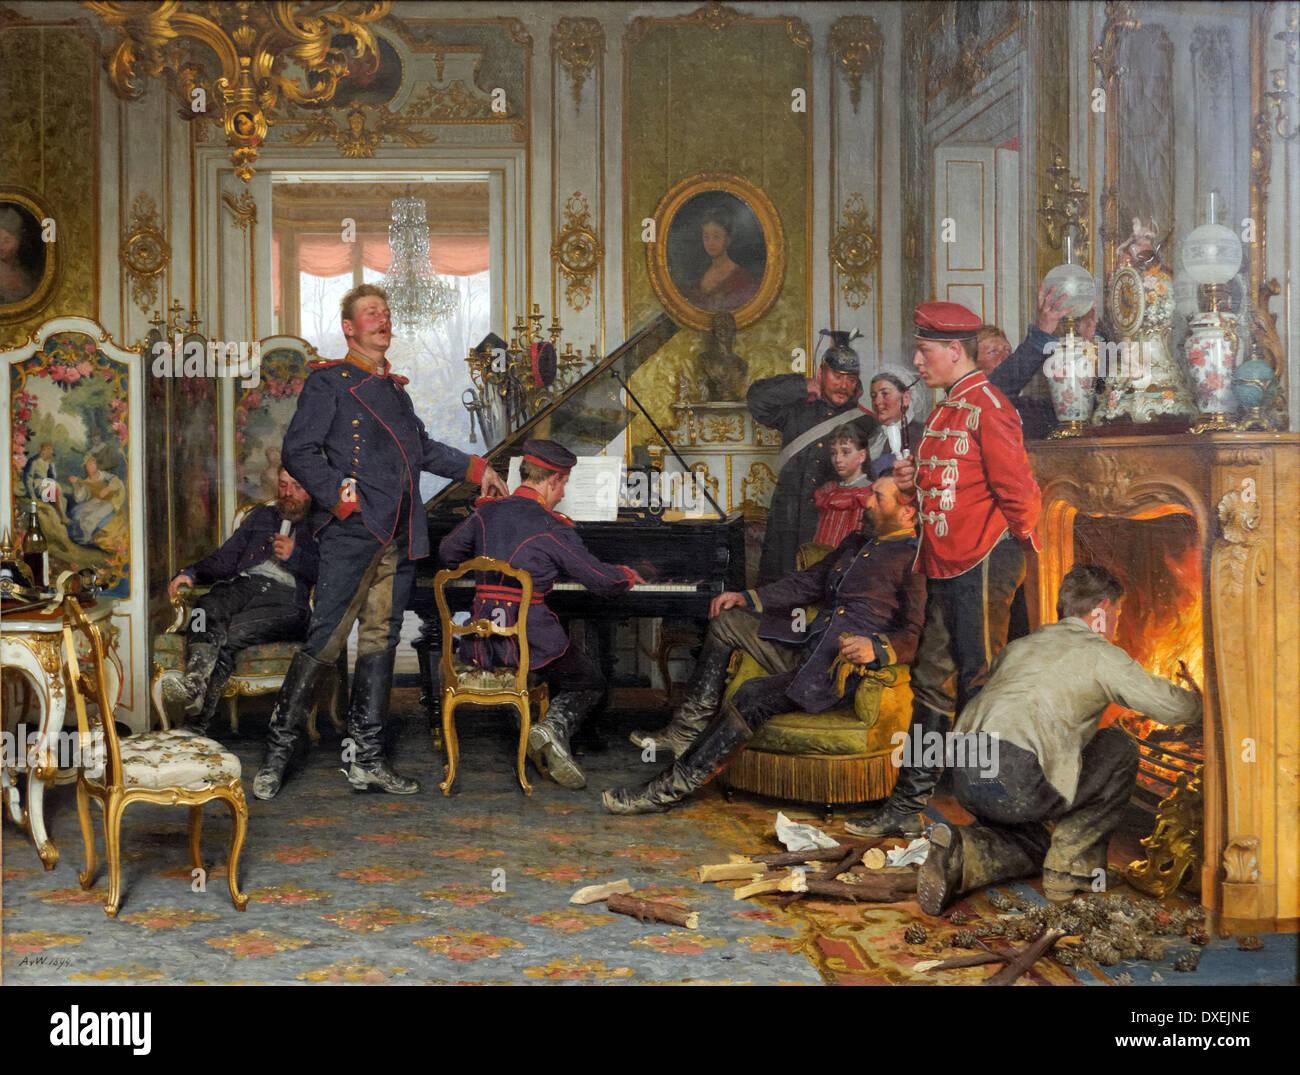 Anton von Werner - A Billet outside Paris - 1894 - XIX th century - German school - Alte Nationalgalerie - Berlin - Stock Image